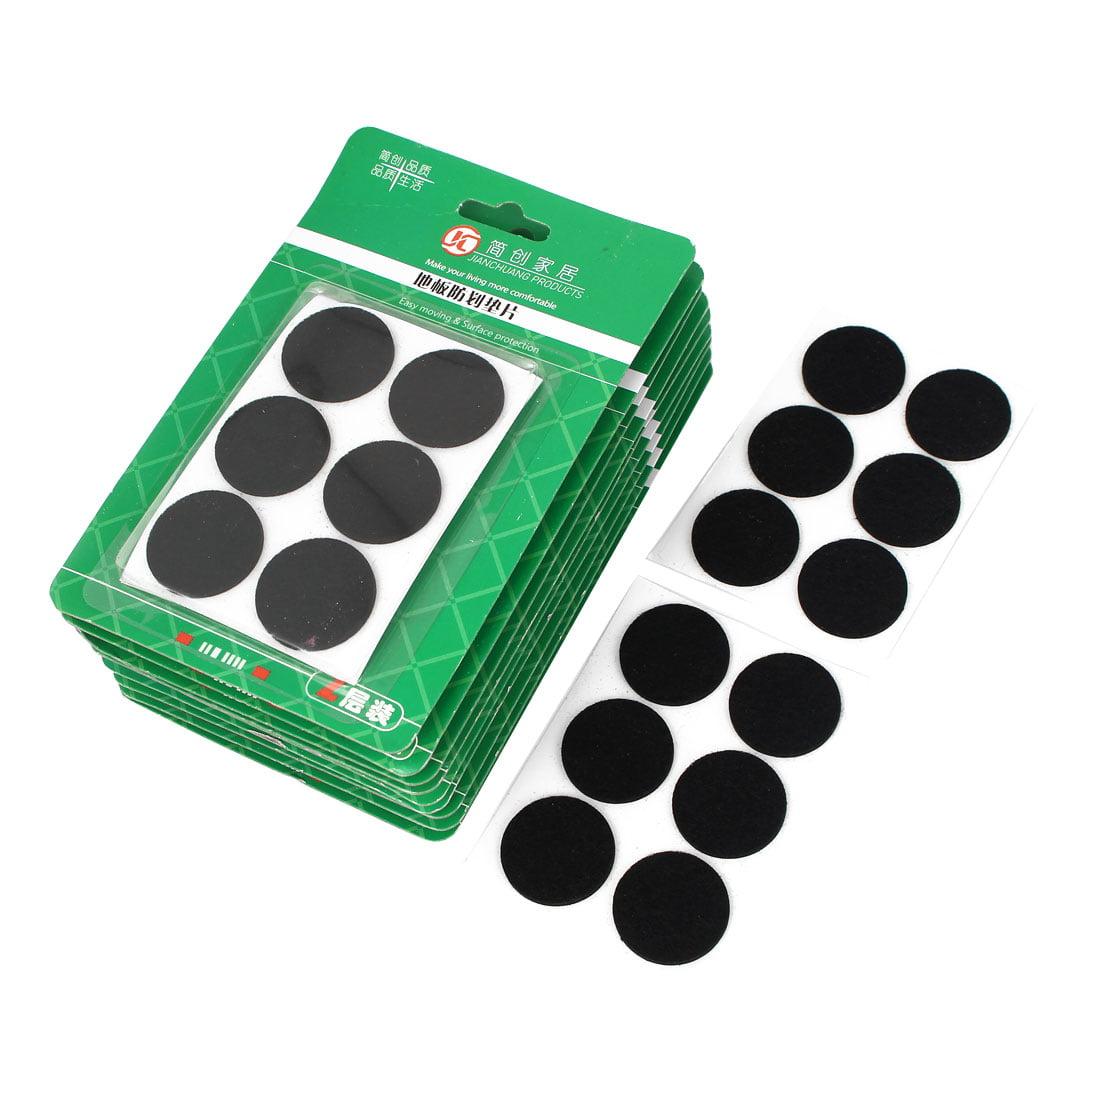 30mm Dia Furniture Feet Antiskid Adhesive Pad Felt Floor Protector Black 120pcs - image 2 of 2